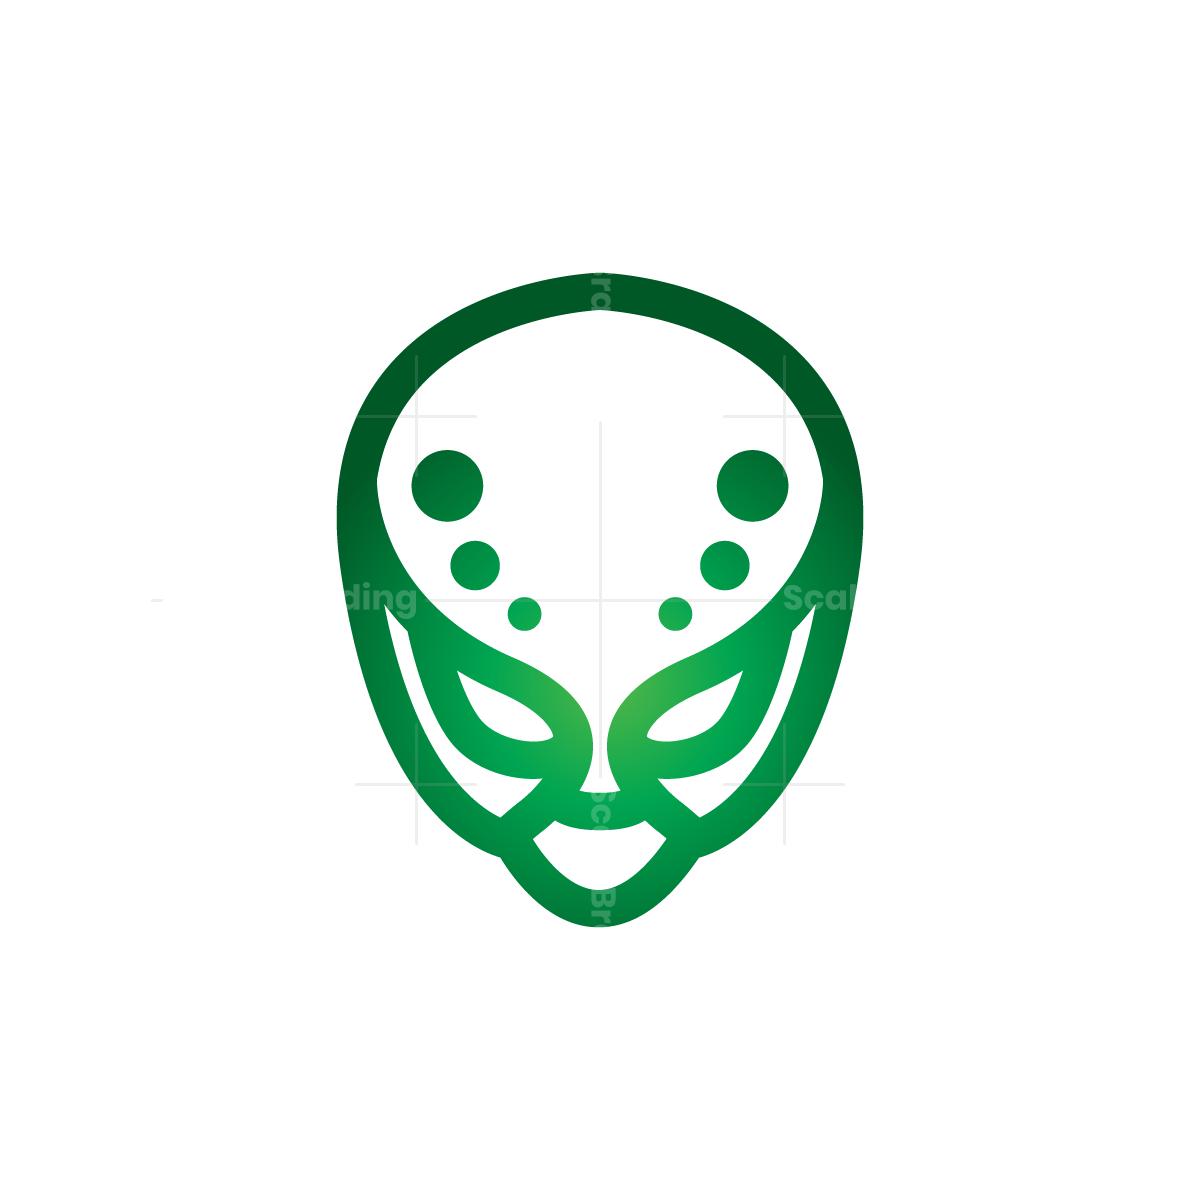 Alien Logo In 2021 Alien Logo Alien Gradient Color